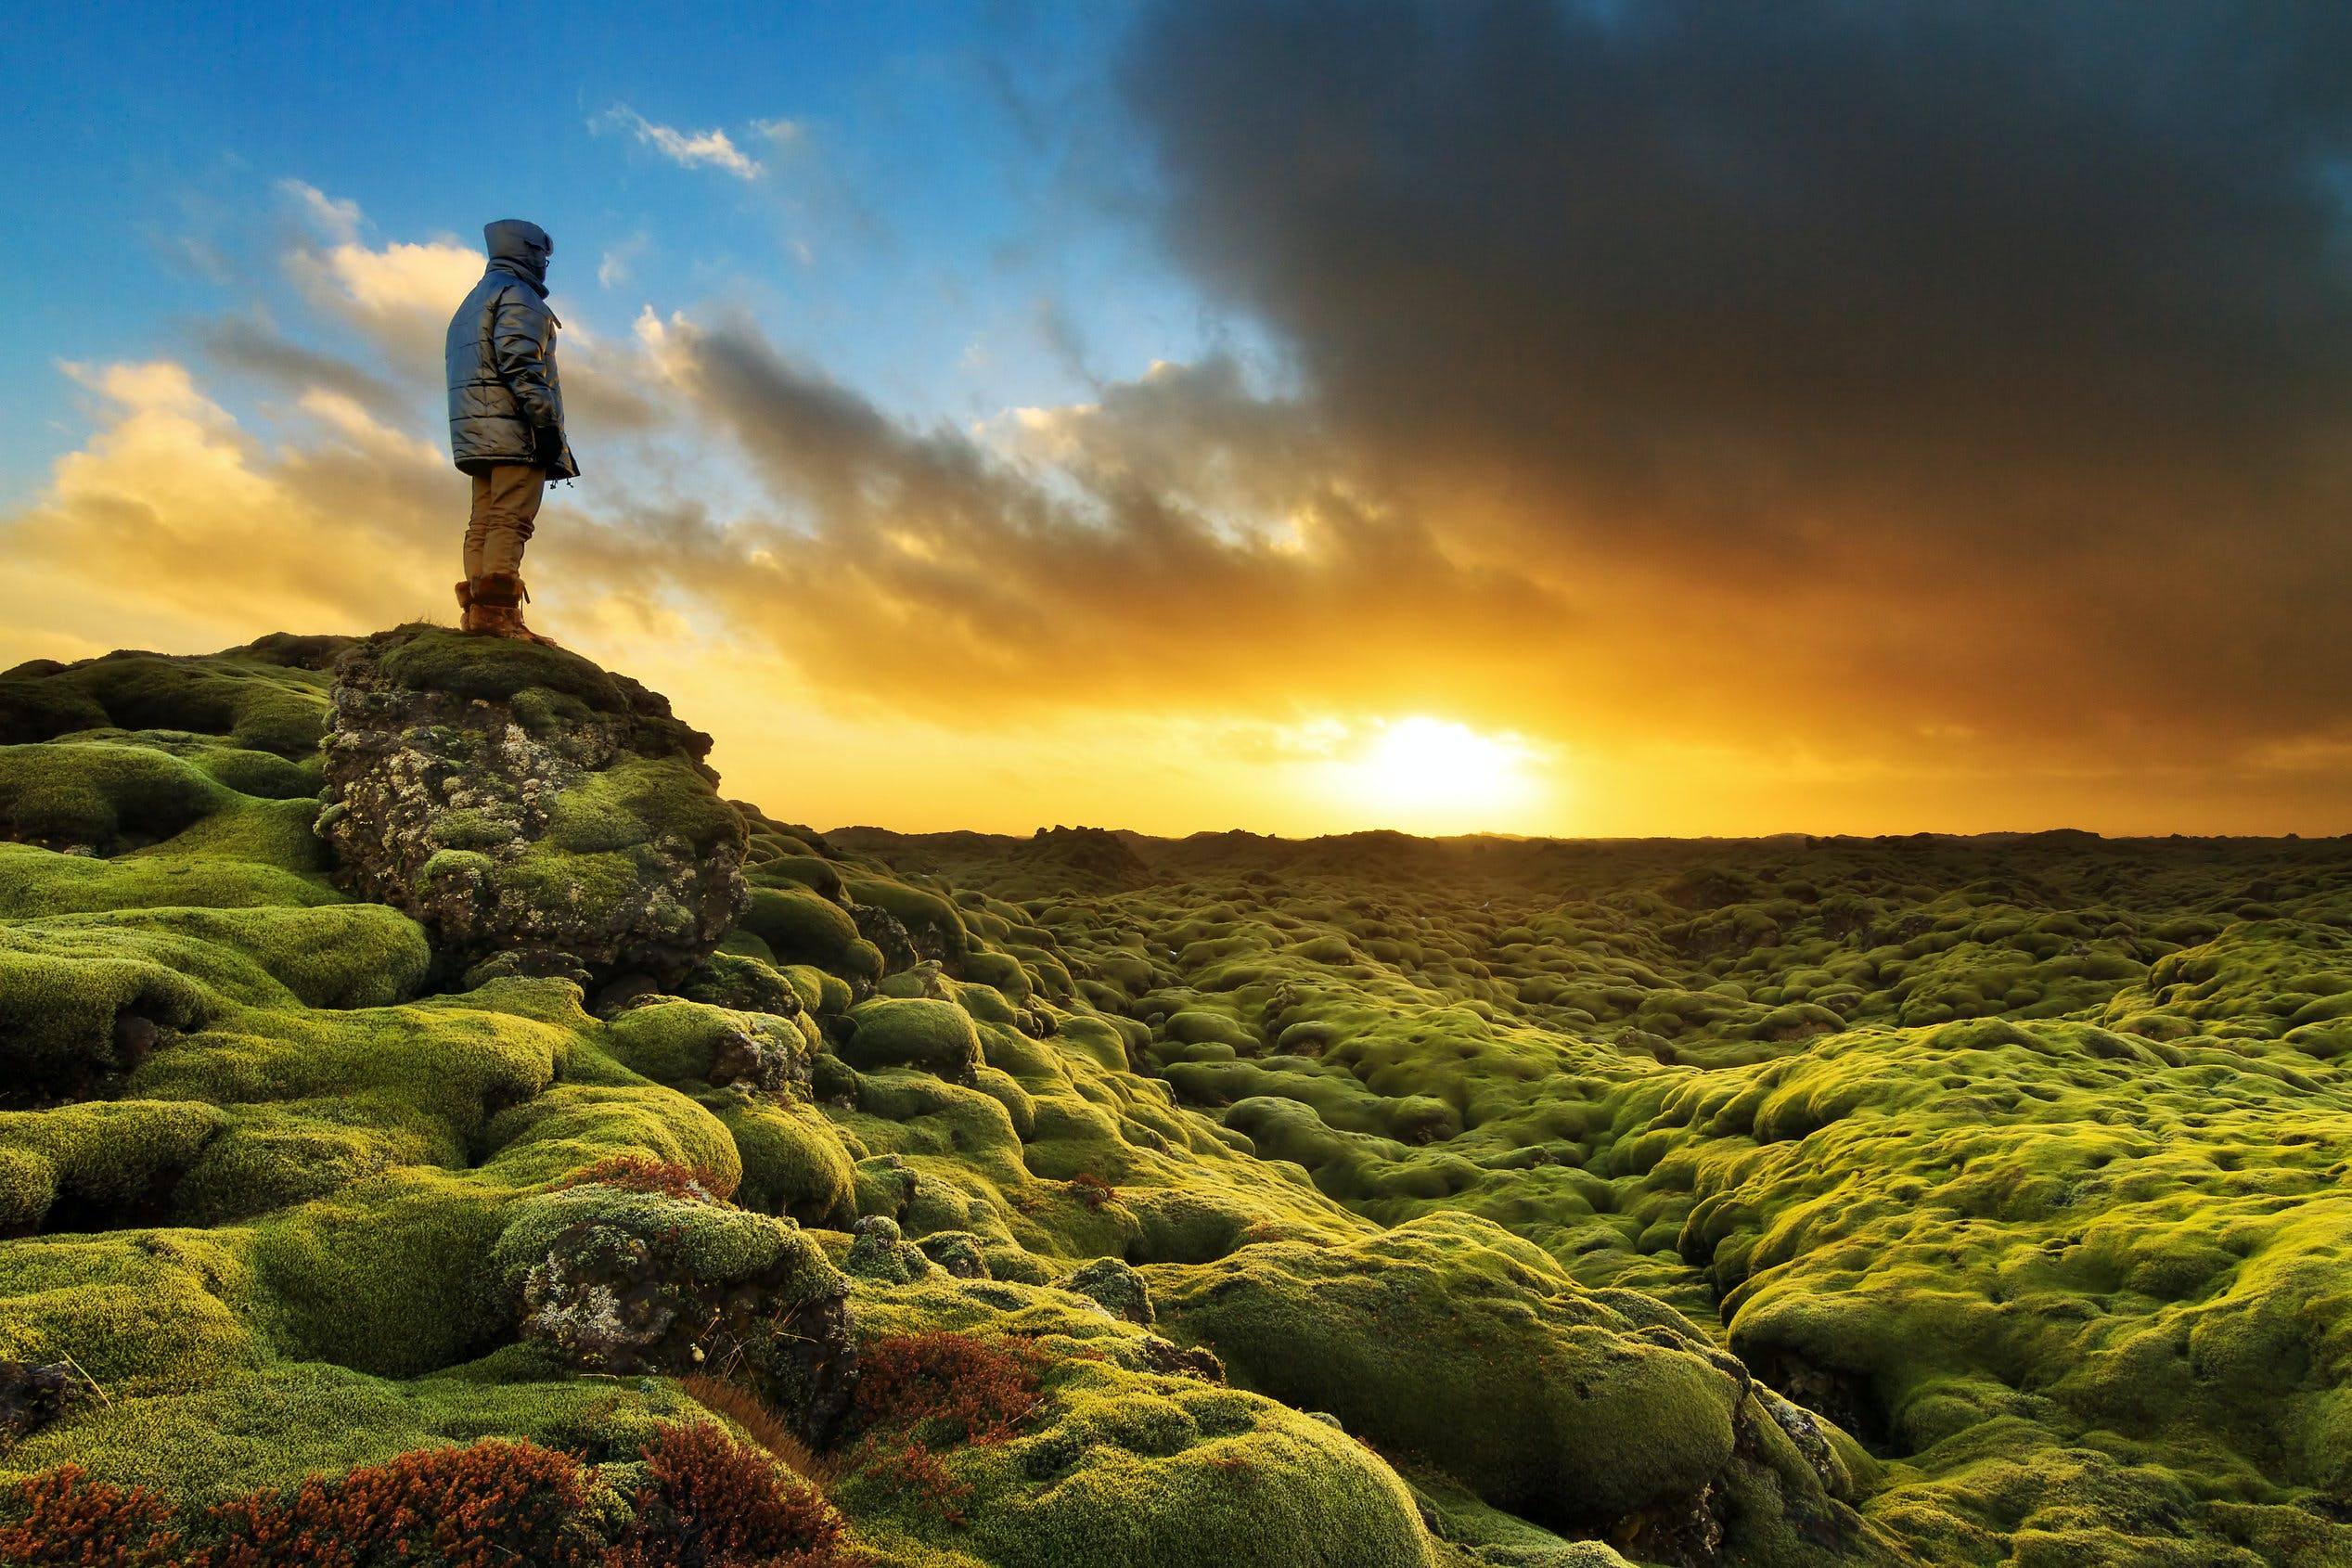 7 jours guidés le long de la route circulaire - Tour de l'Islande